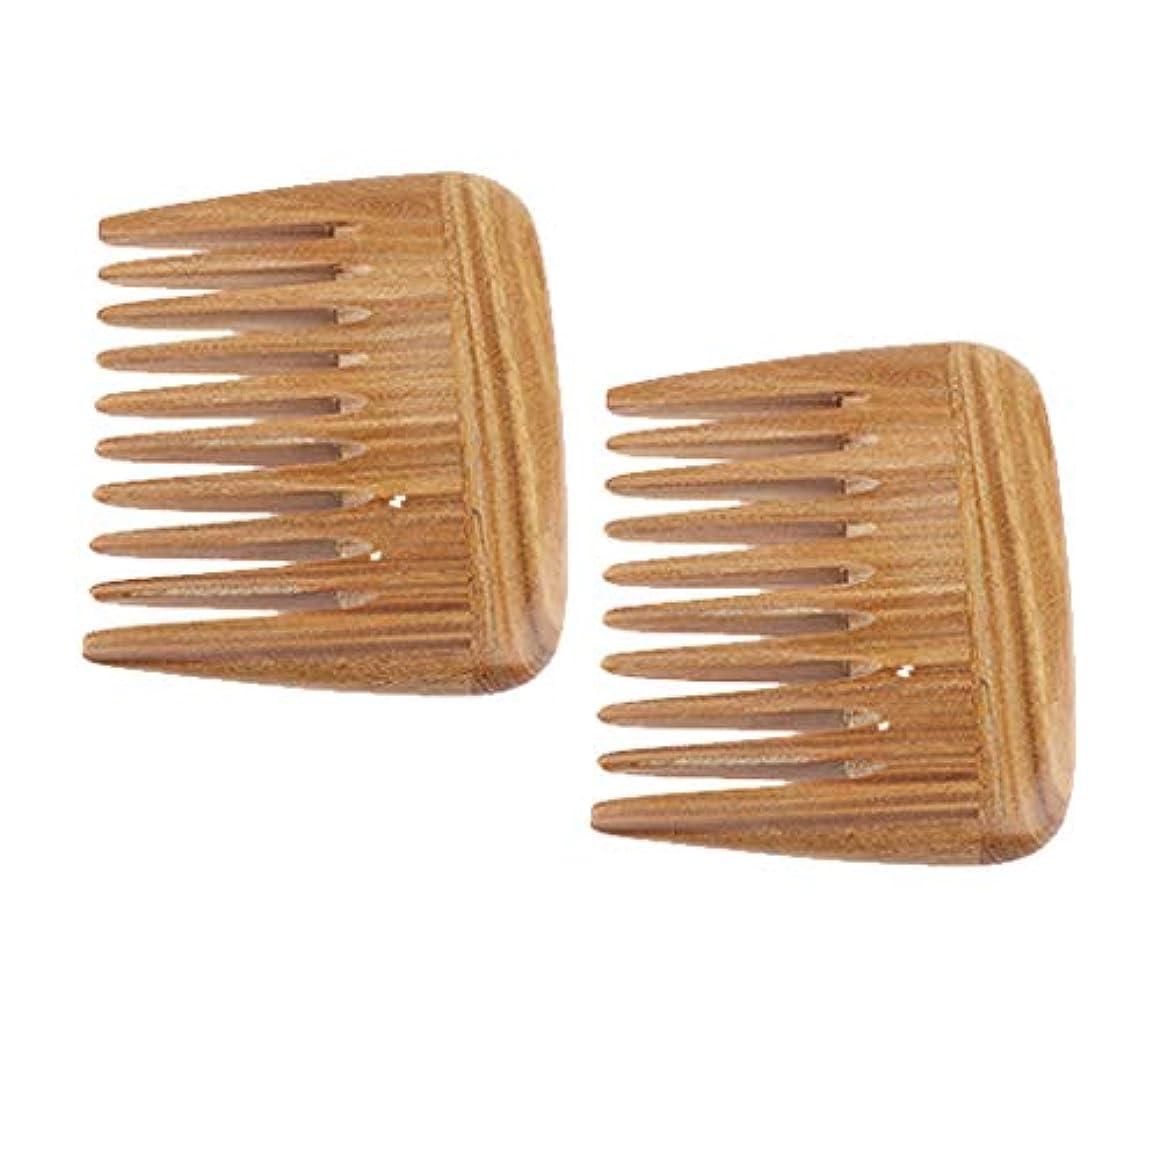 瞑想的ロープ組立2個 静電気防止櫛 ポケット 広い歯 ヘアコーム 木製櫛 プレゼント